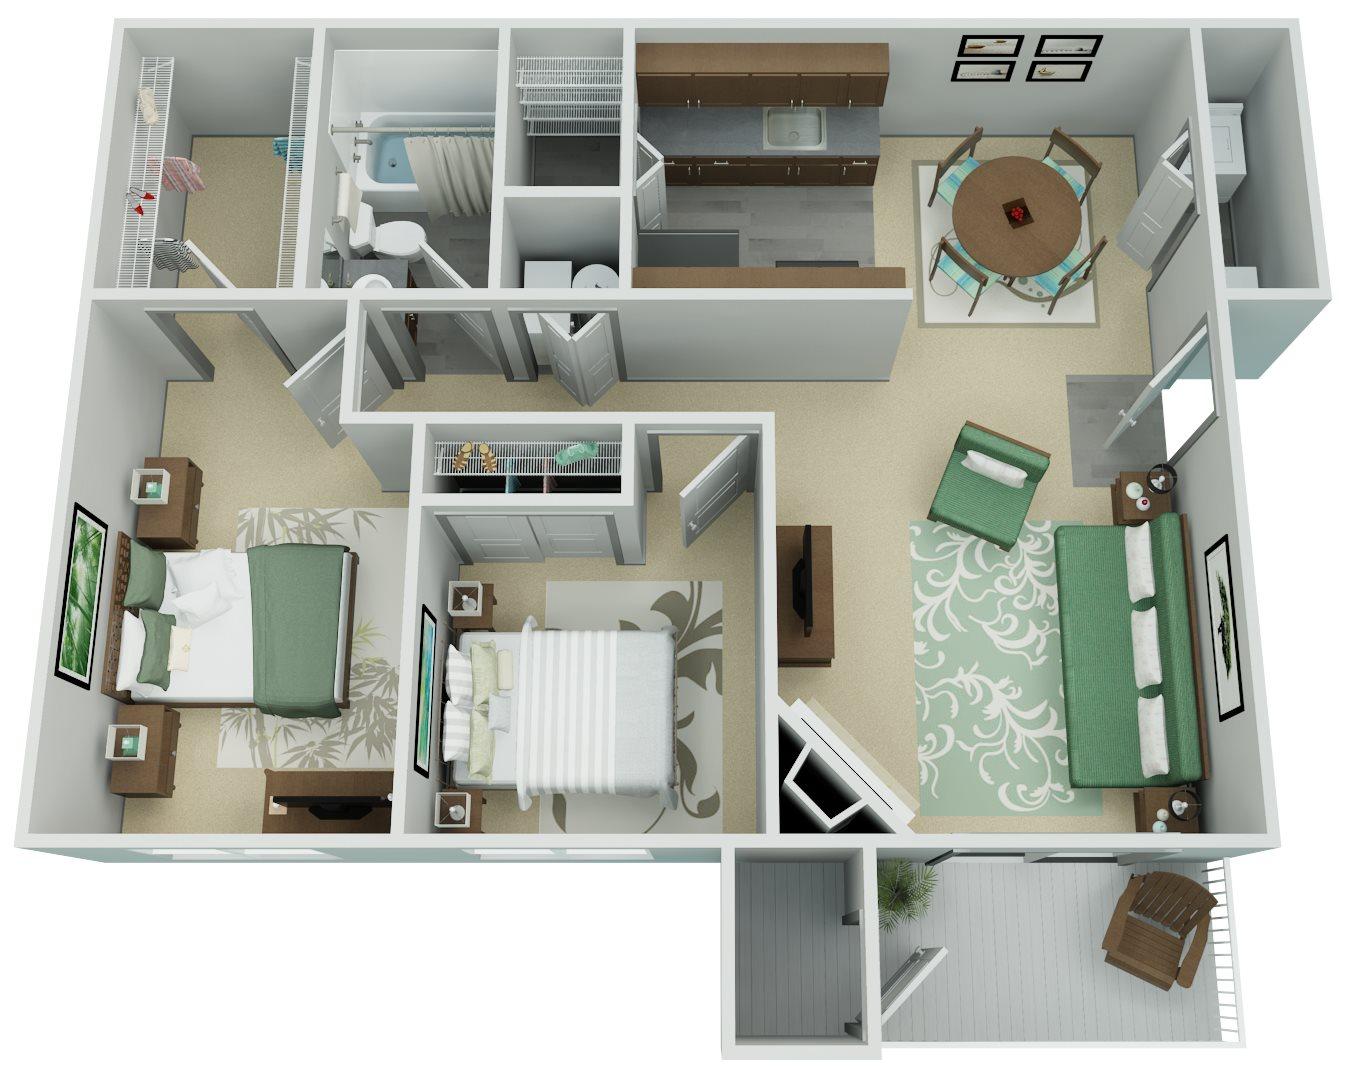 Verona Apartment Homes - 2 Bedroom 1 Bath Apartment